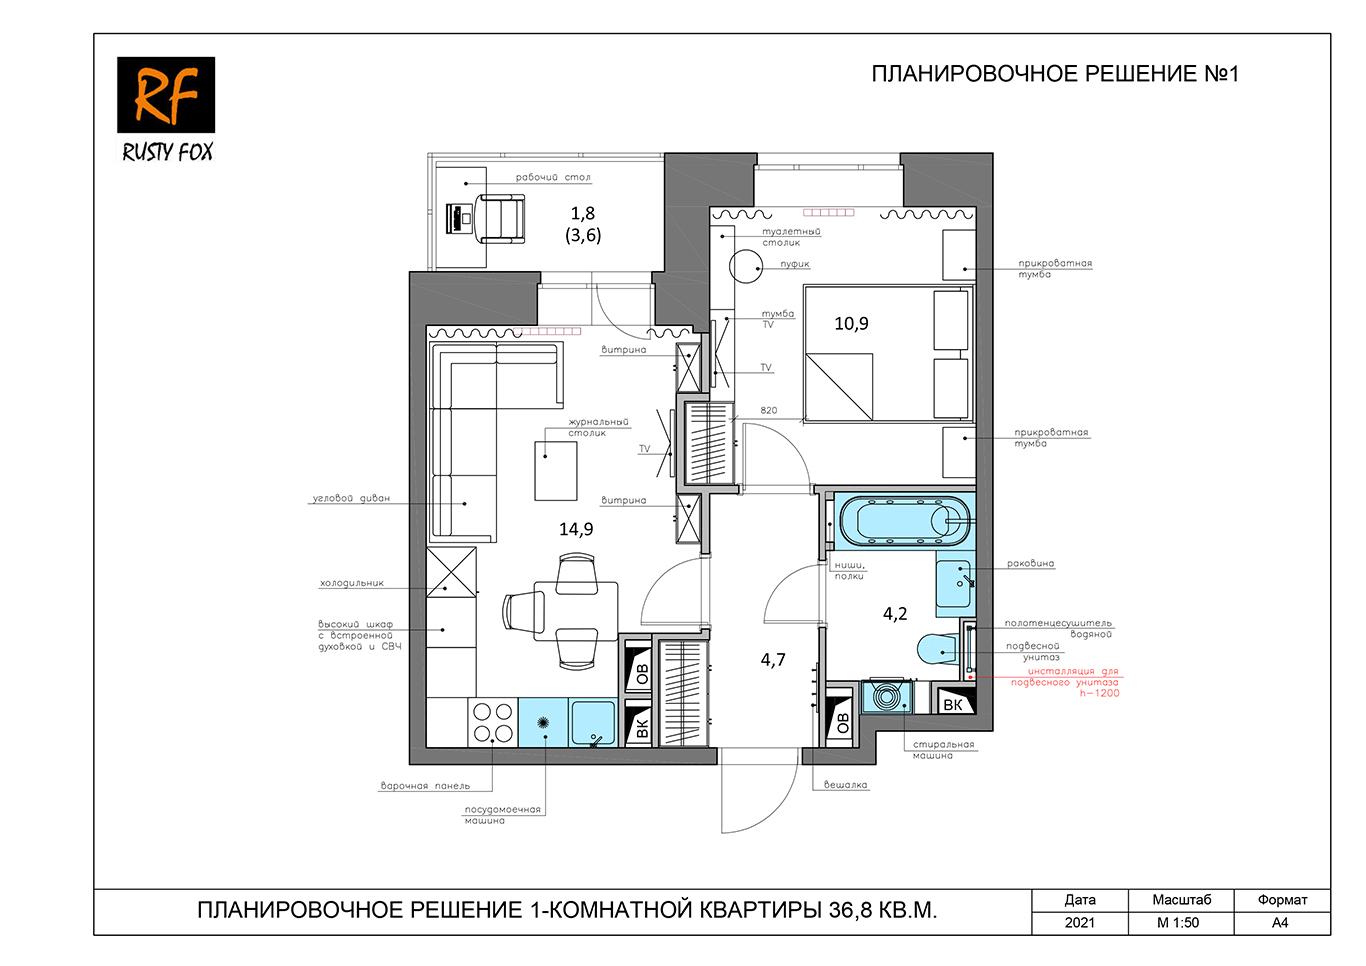 ЖК Люберцы корпус 52, секция 2. Планировочное решение №1 1-комнатная квартира правая 36,8 кв.м.